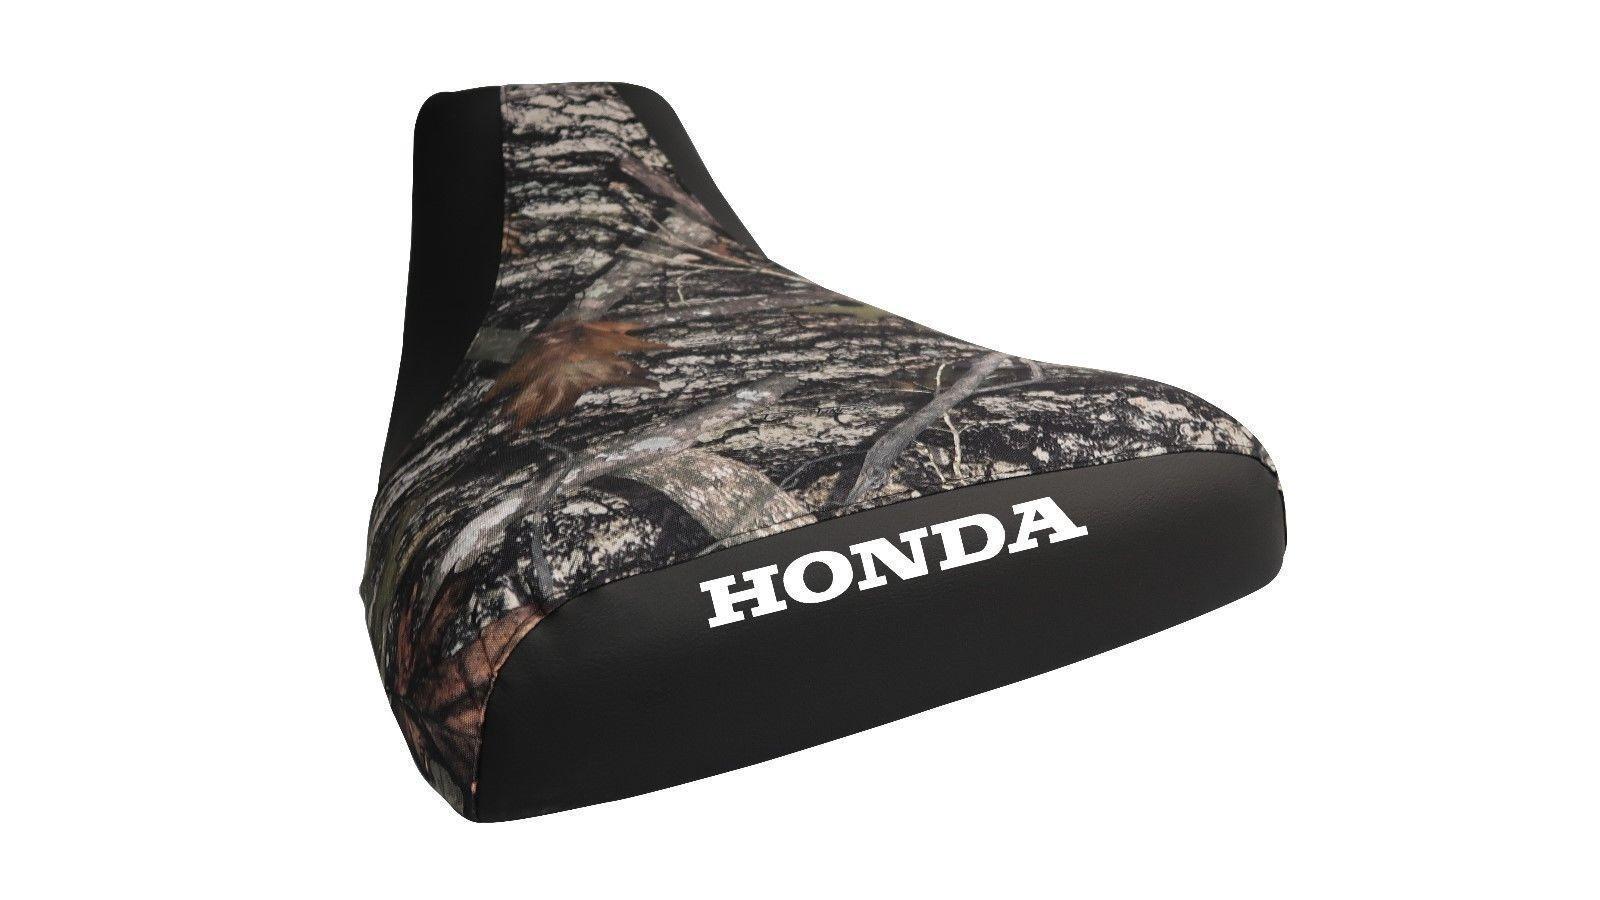 Honda Rubicon 500 2005-11 Logo Camo Top Seat Cover TG20187056